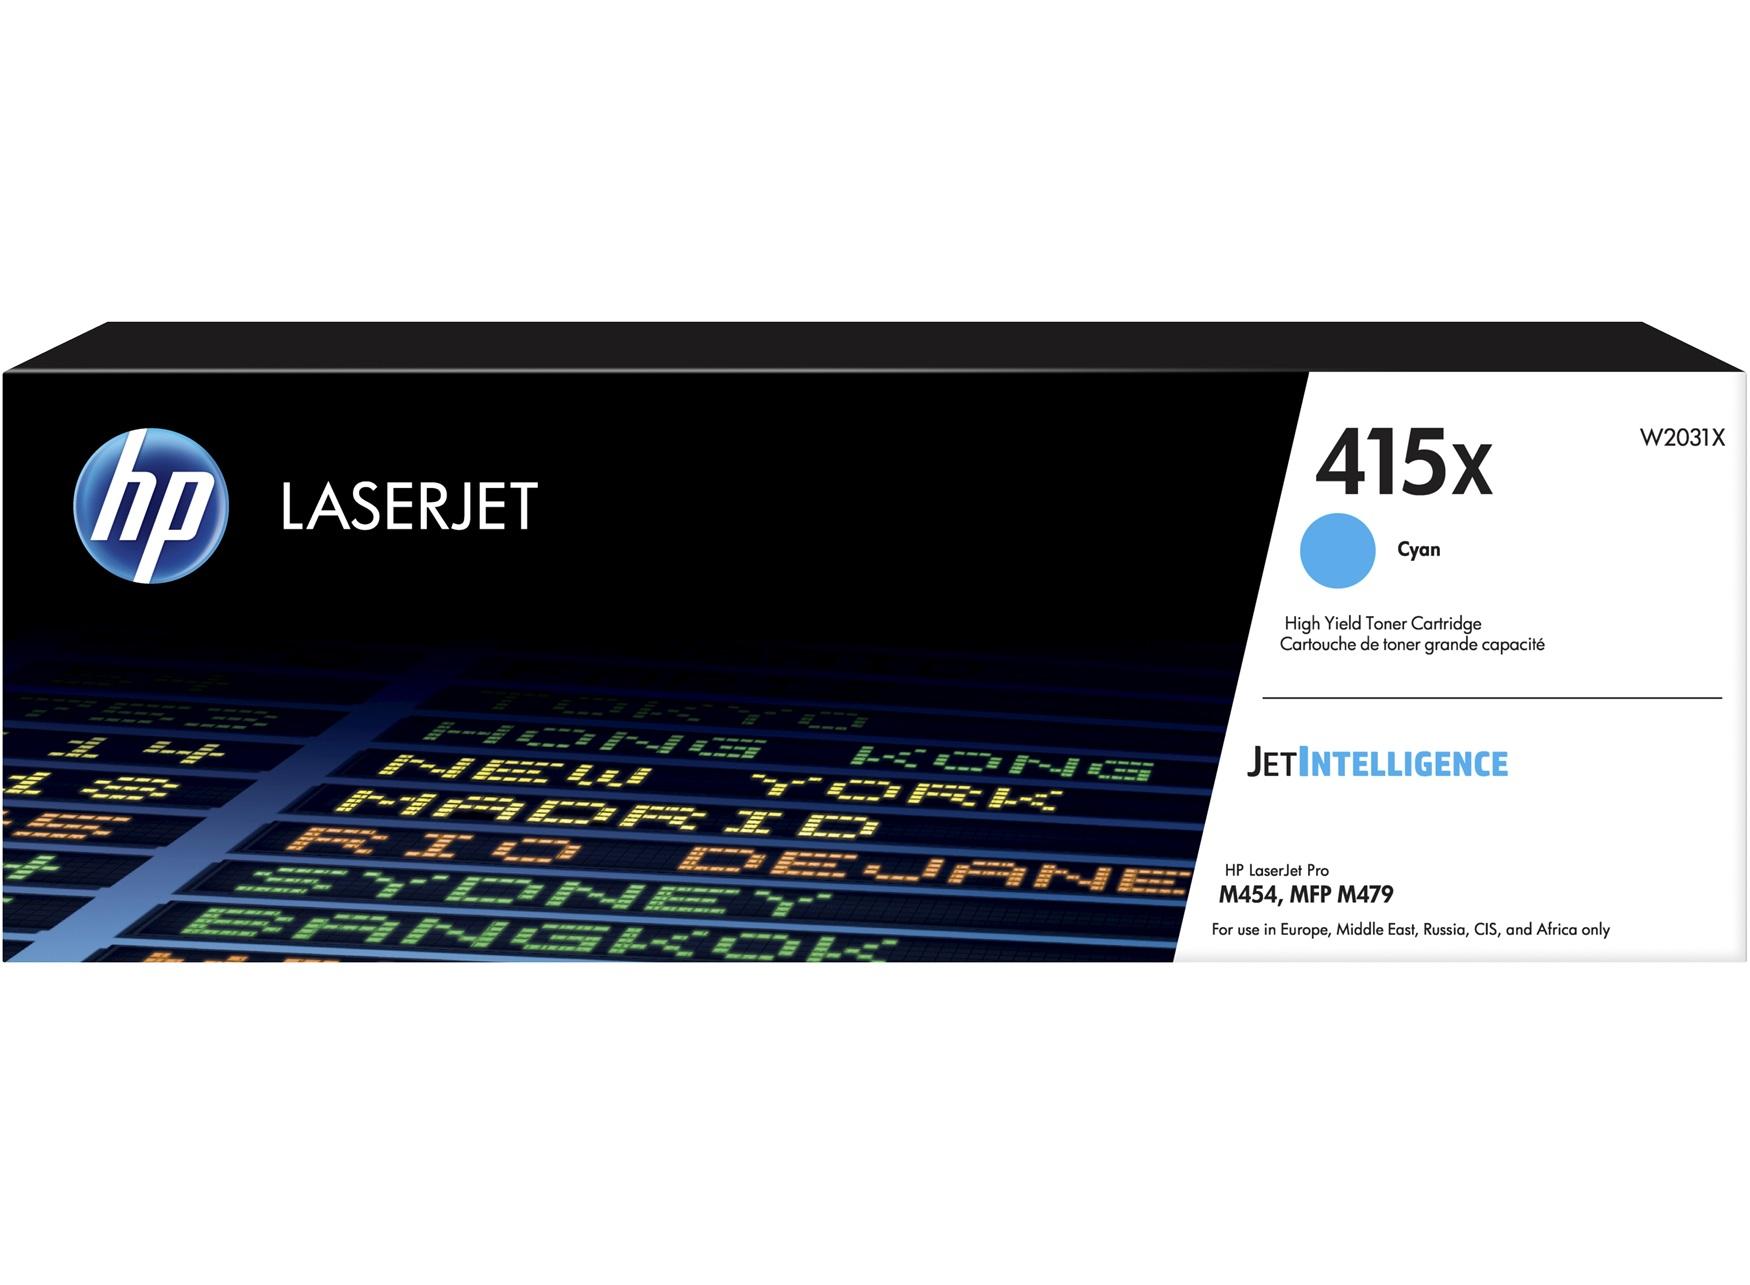 HP 415X Cyan LaserJet Toner Cartridge, W2031X